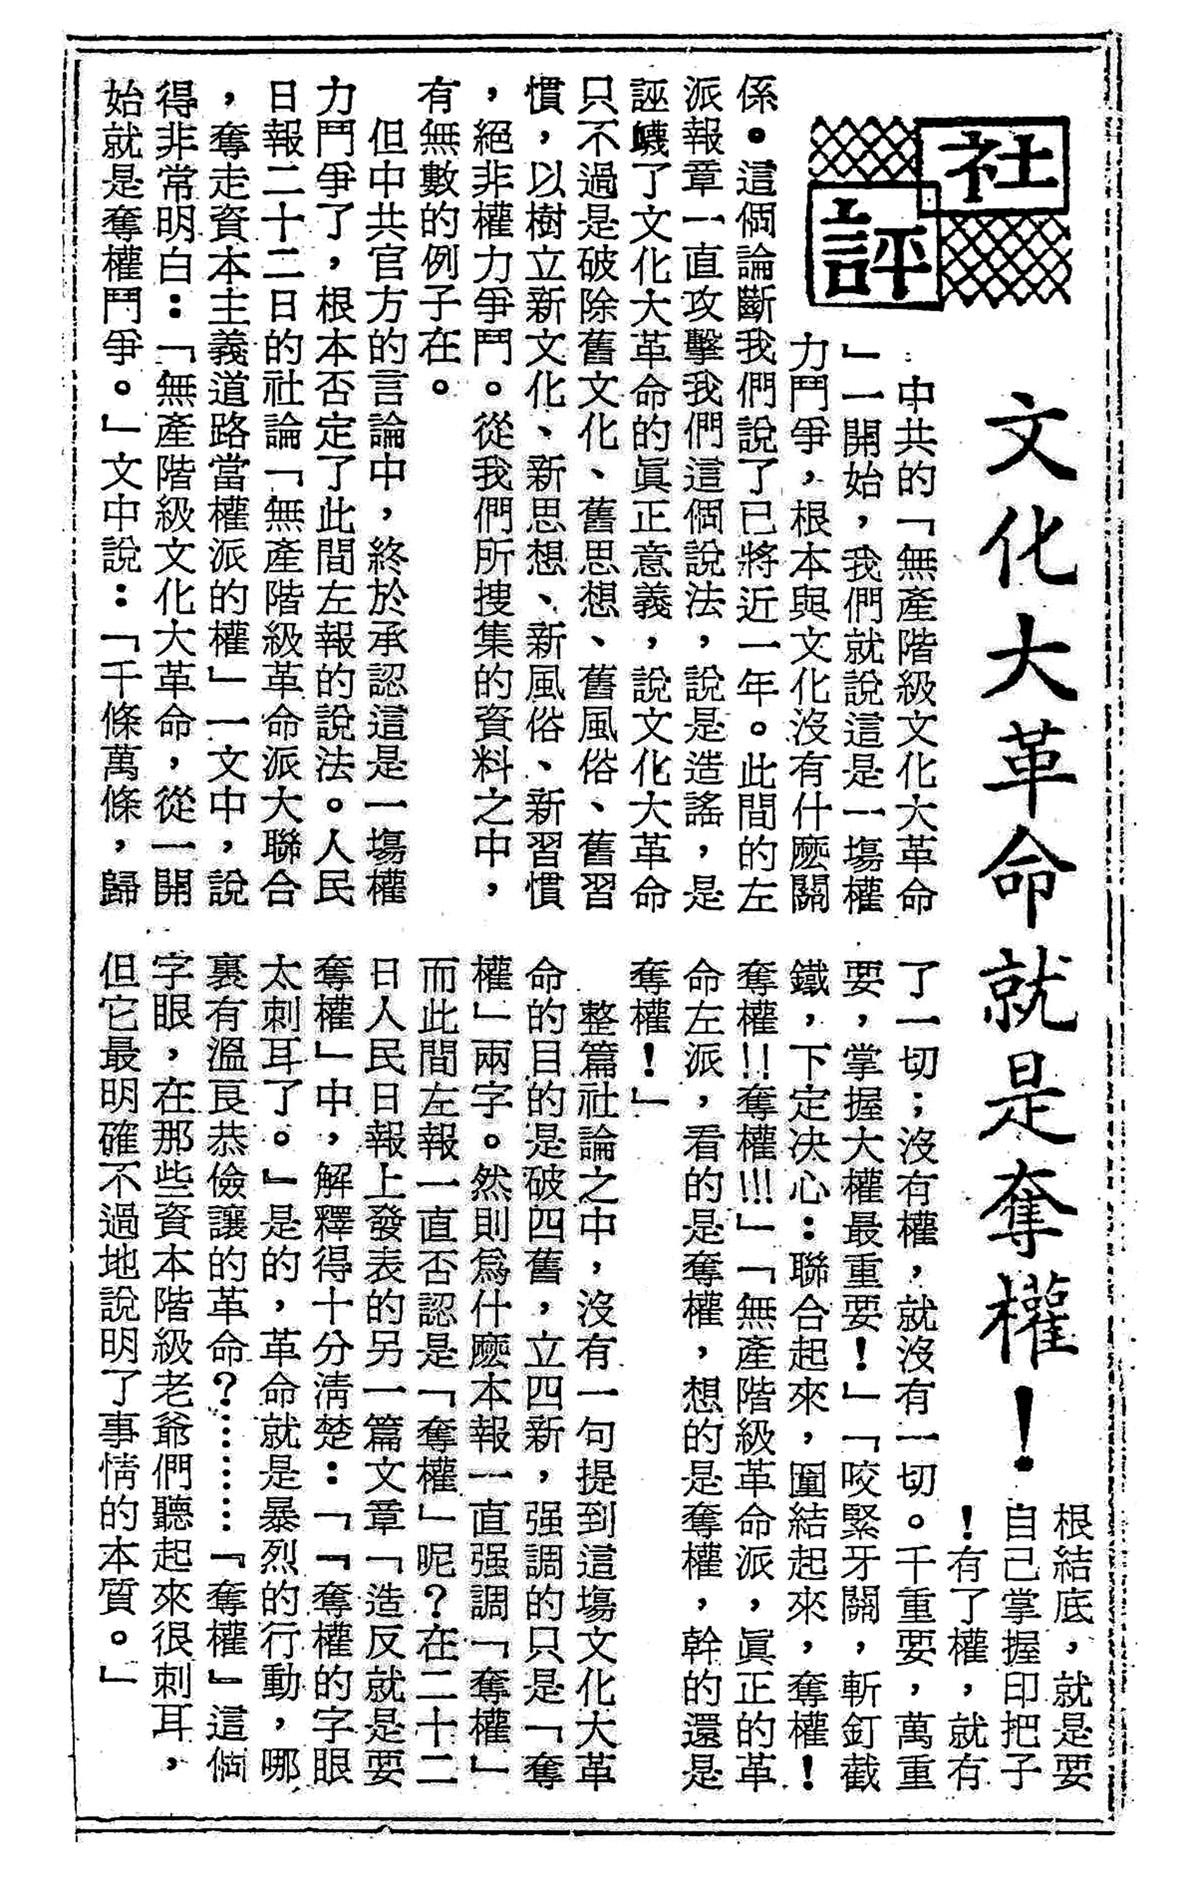 1967年1月24日《明報》社評